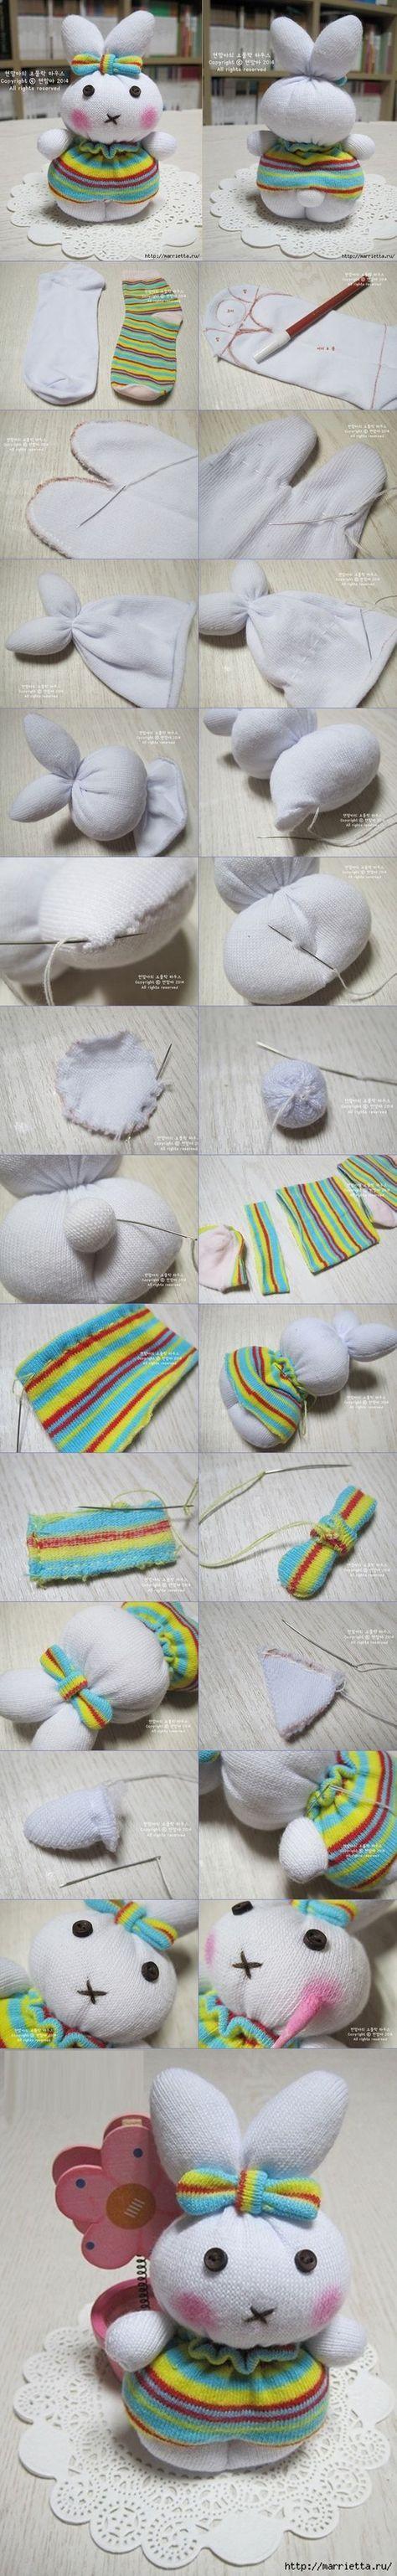 Çoraptan Oyuncak Modelleri ve Yapımı